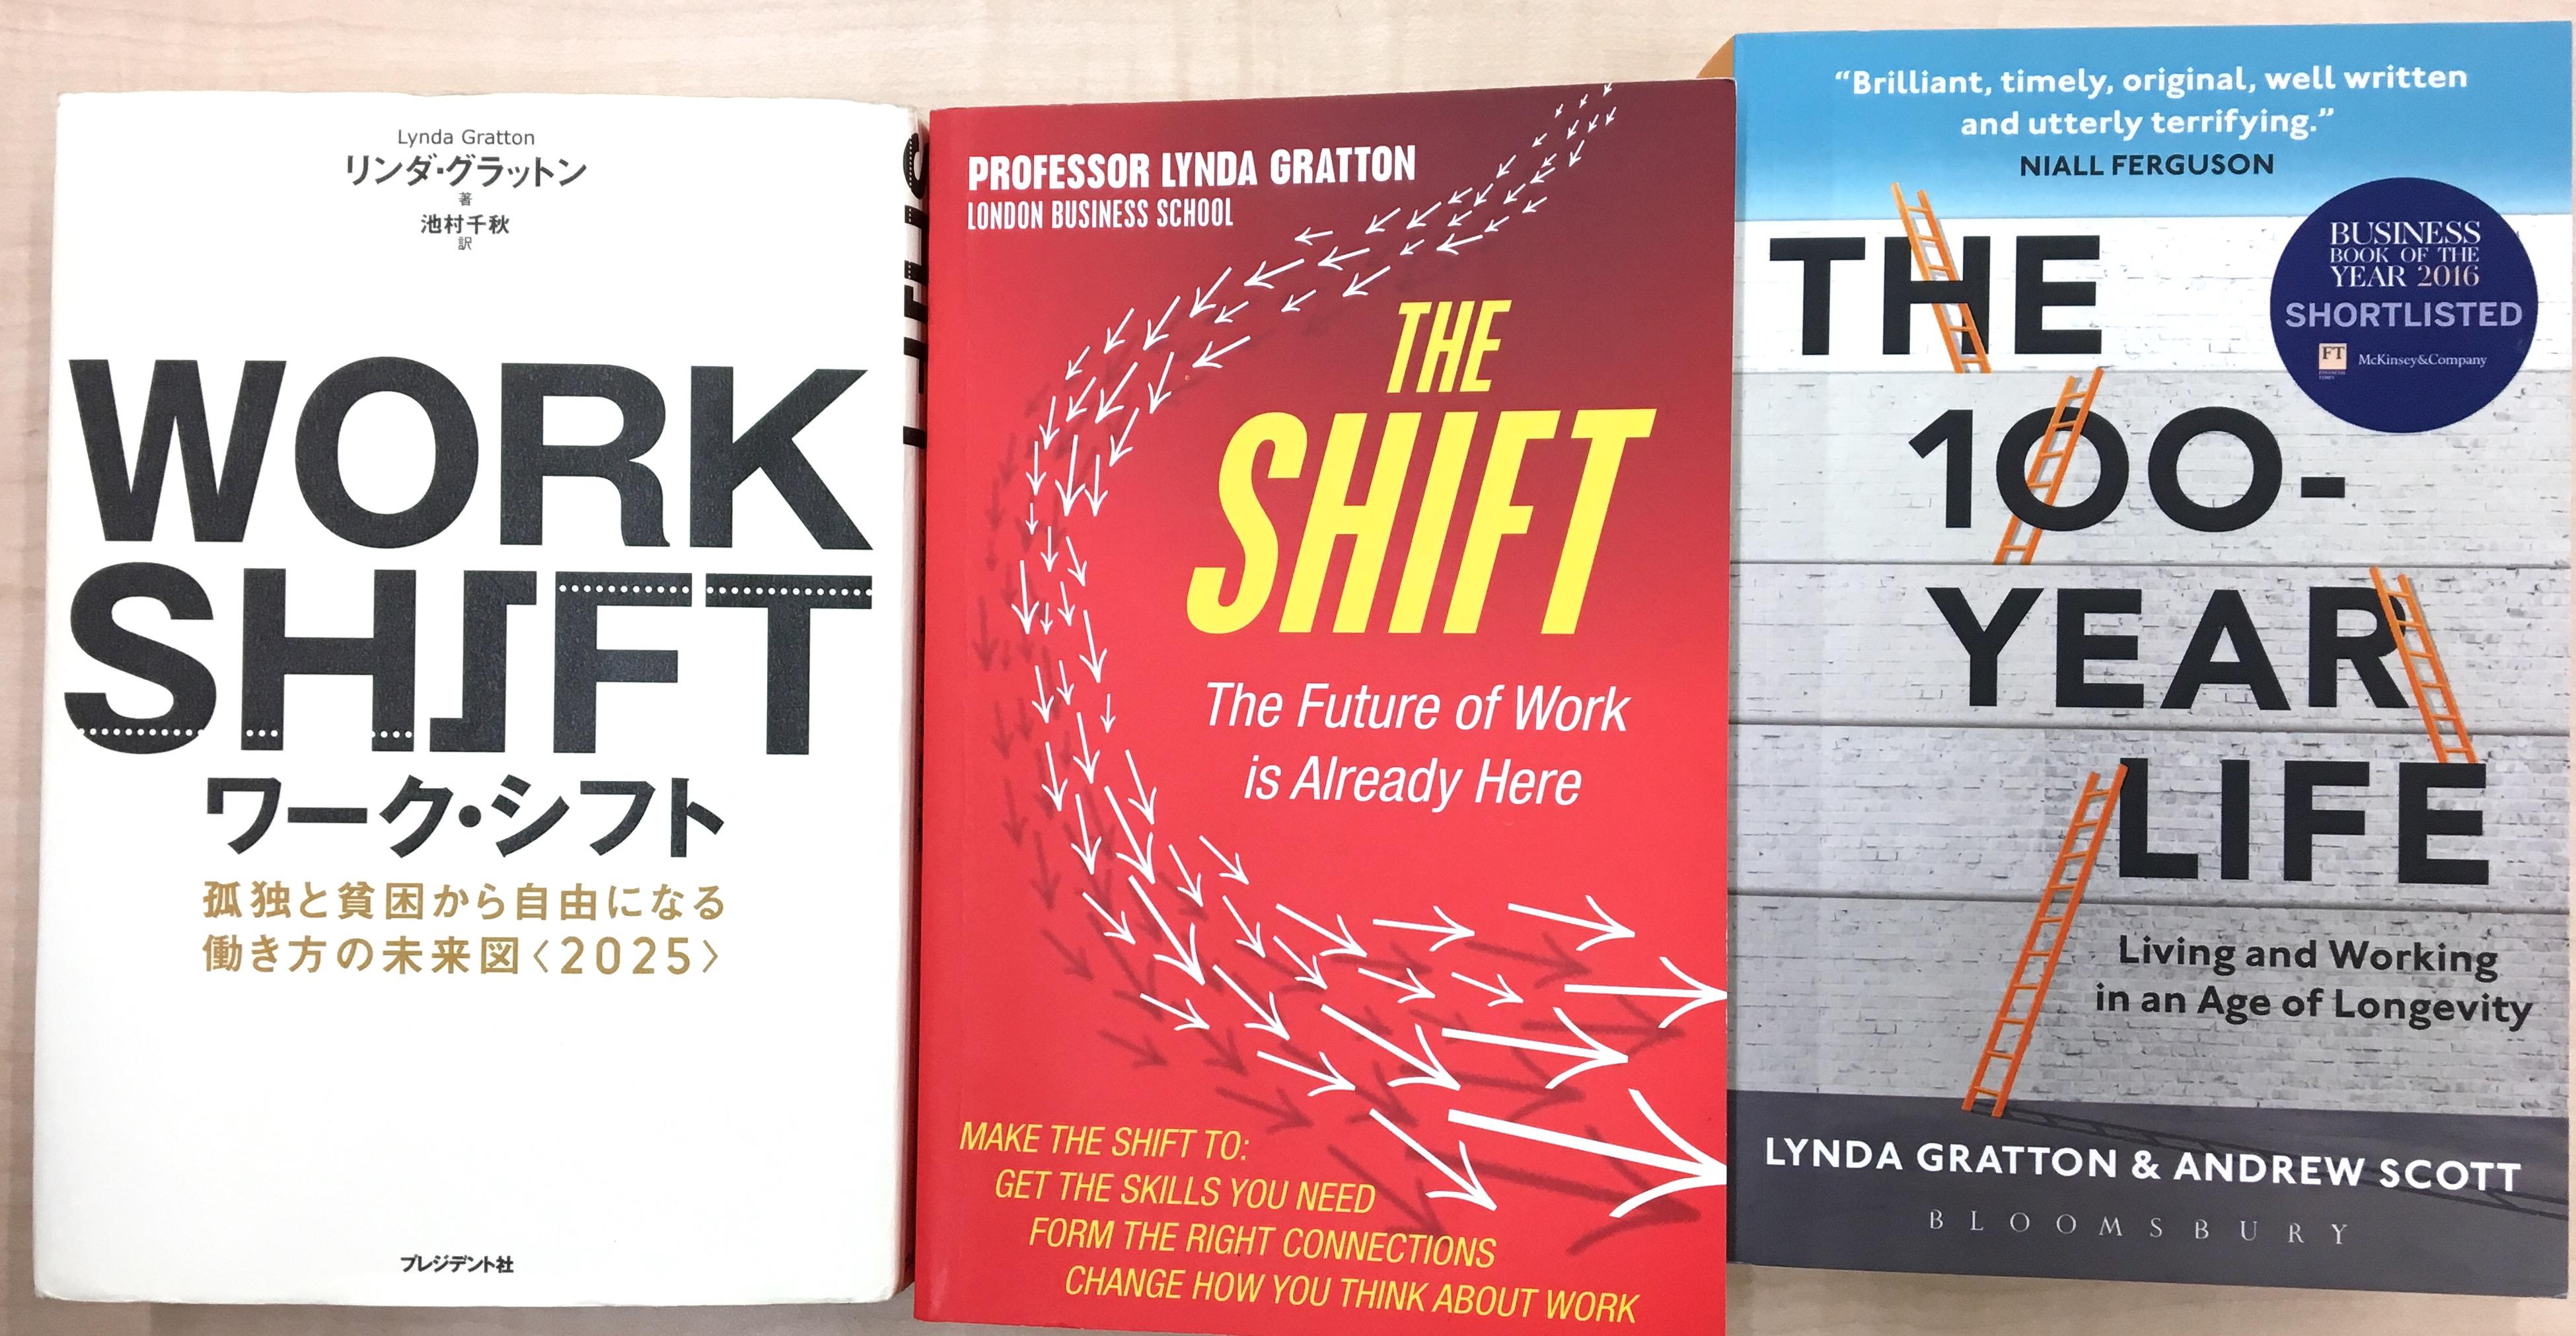 大学院の授業で『WORK SHIFT』のレポートをしました